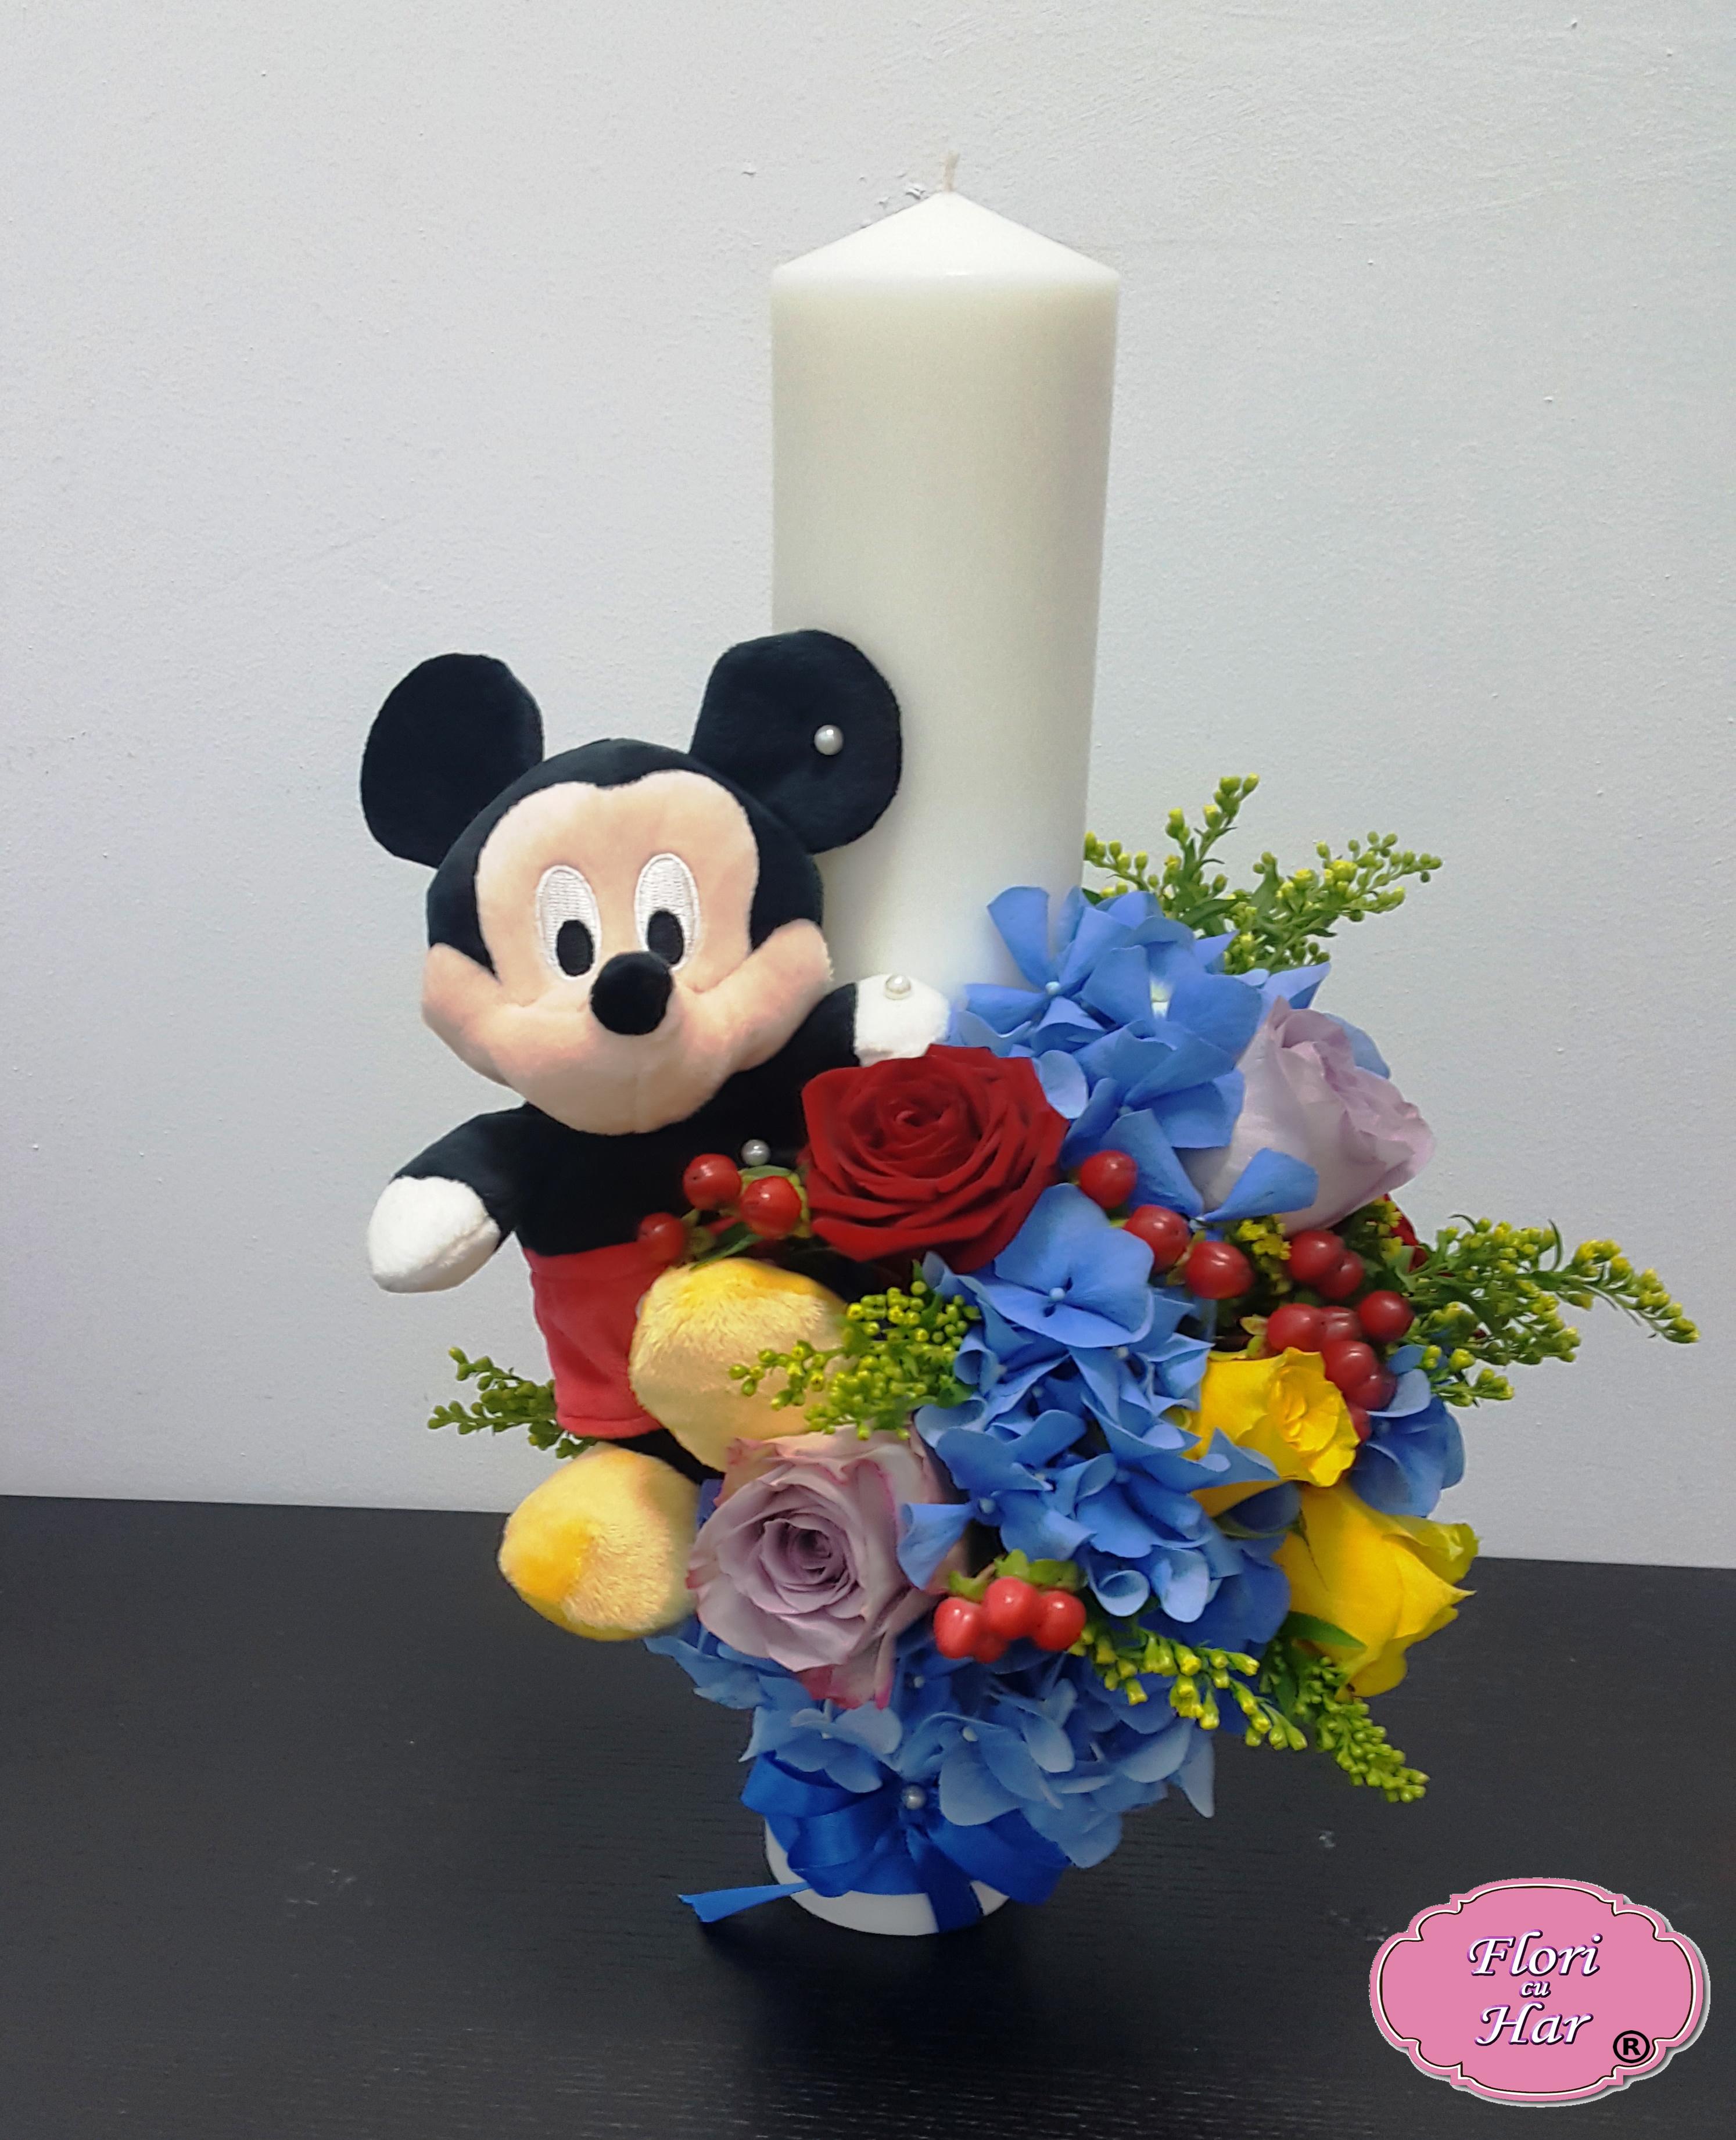 Lumanare Botez Mickey Mouse Baiatfata 40 Cm Flori Cu Har